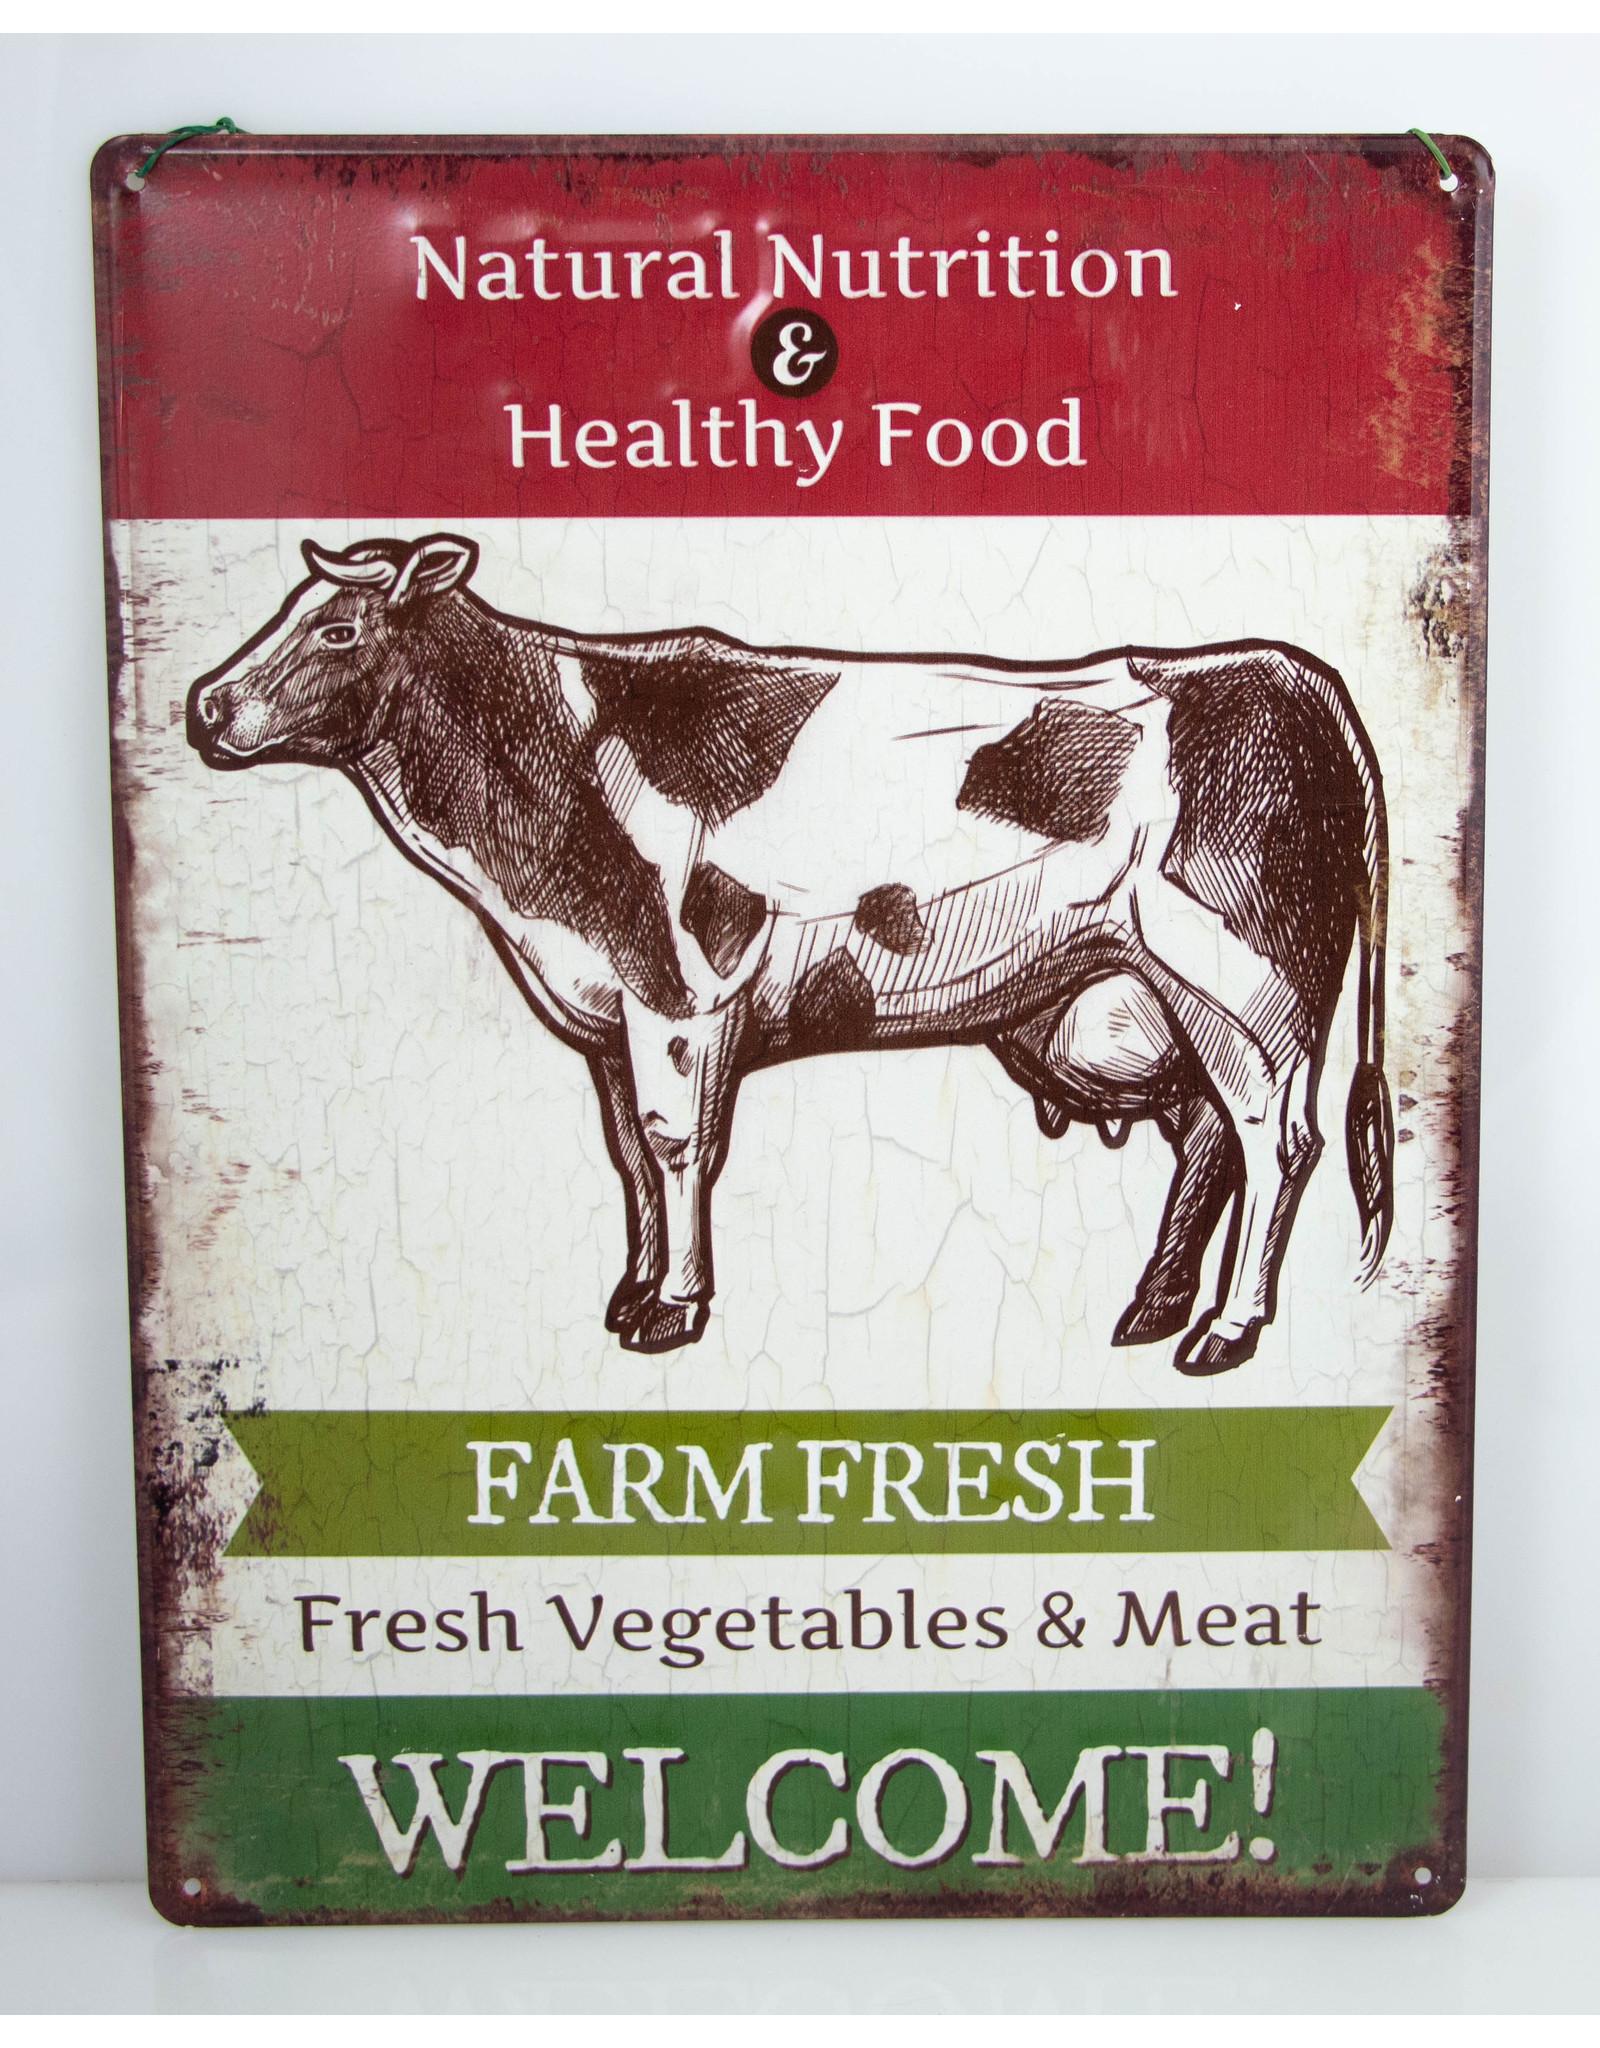 Farm fresh cow